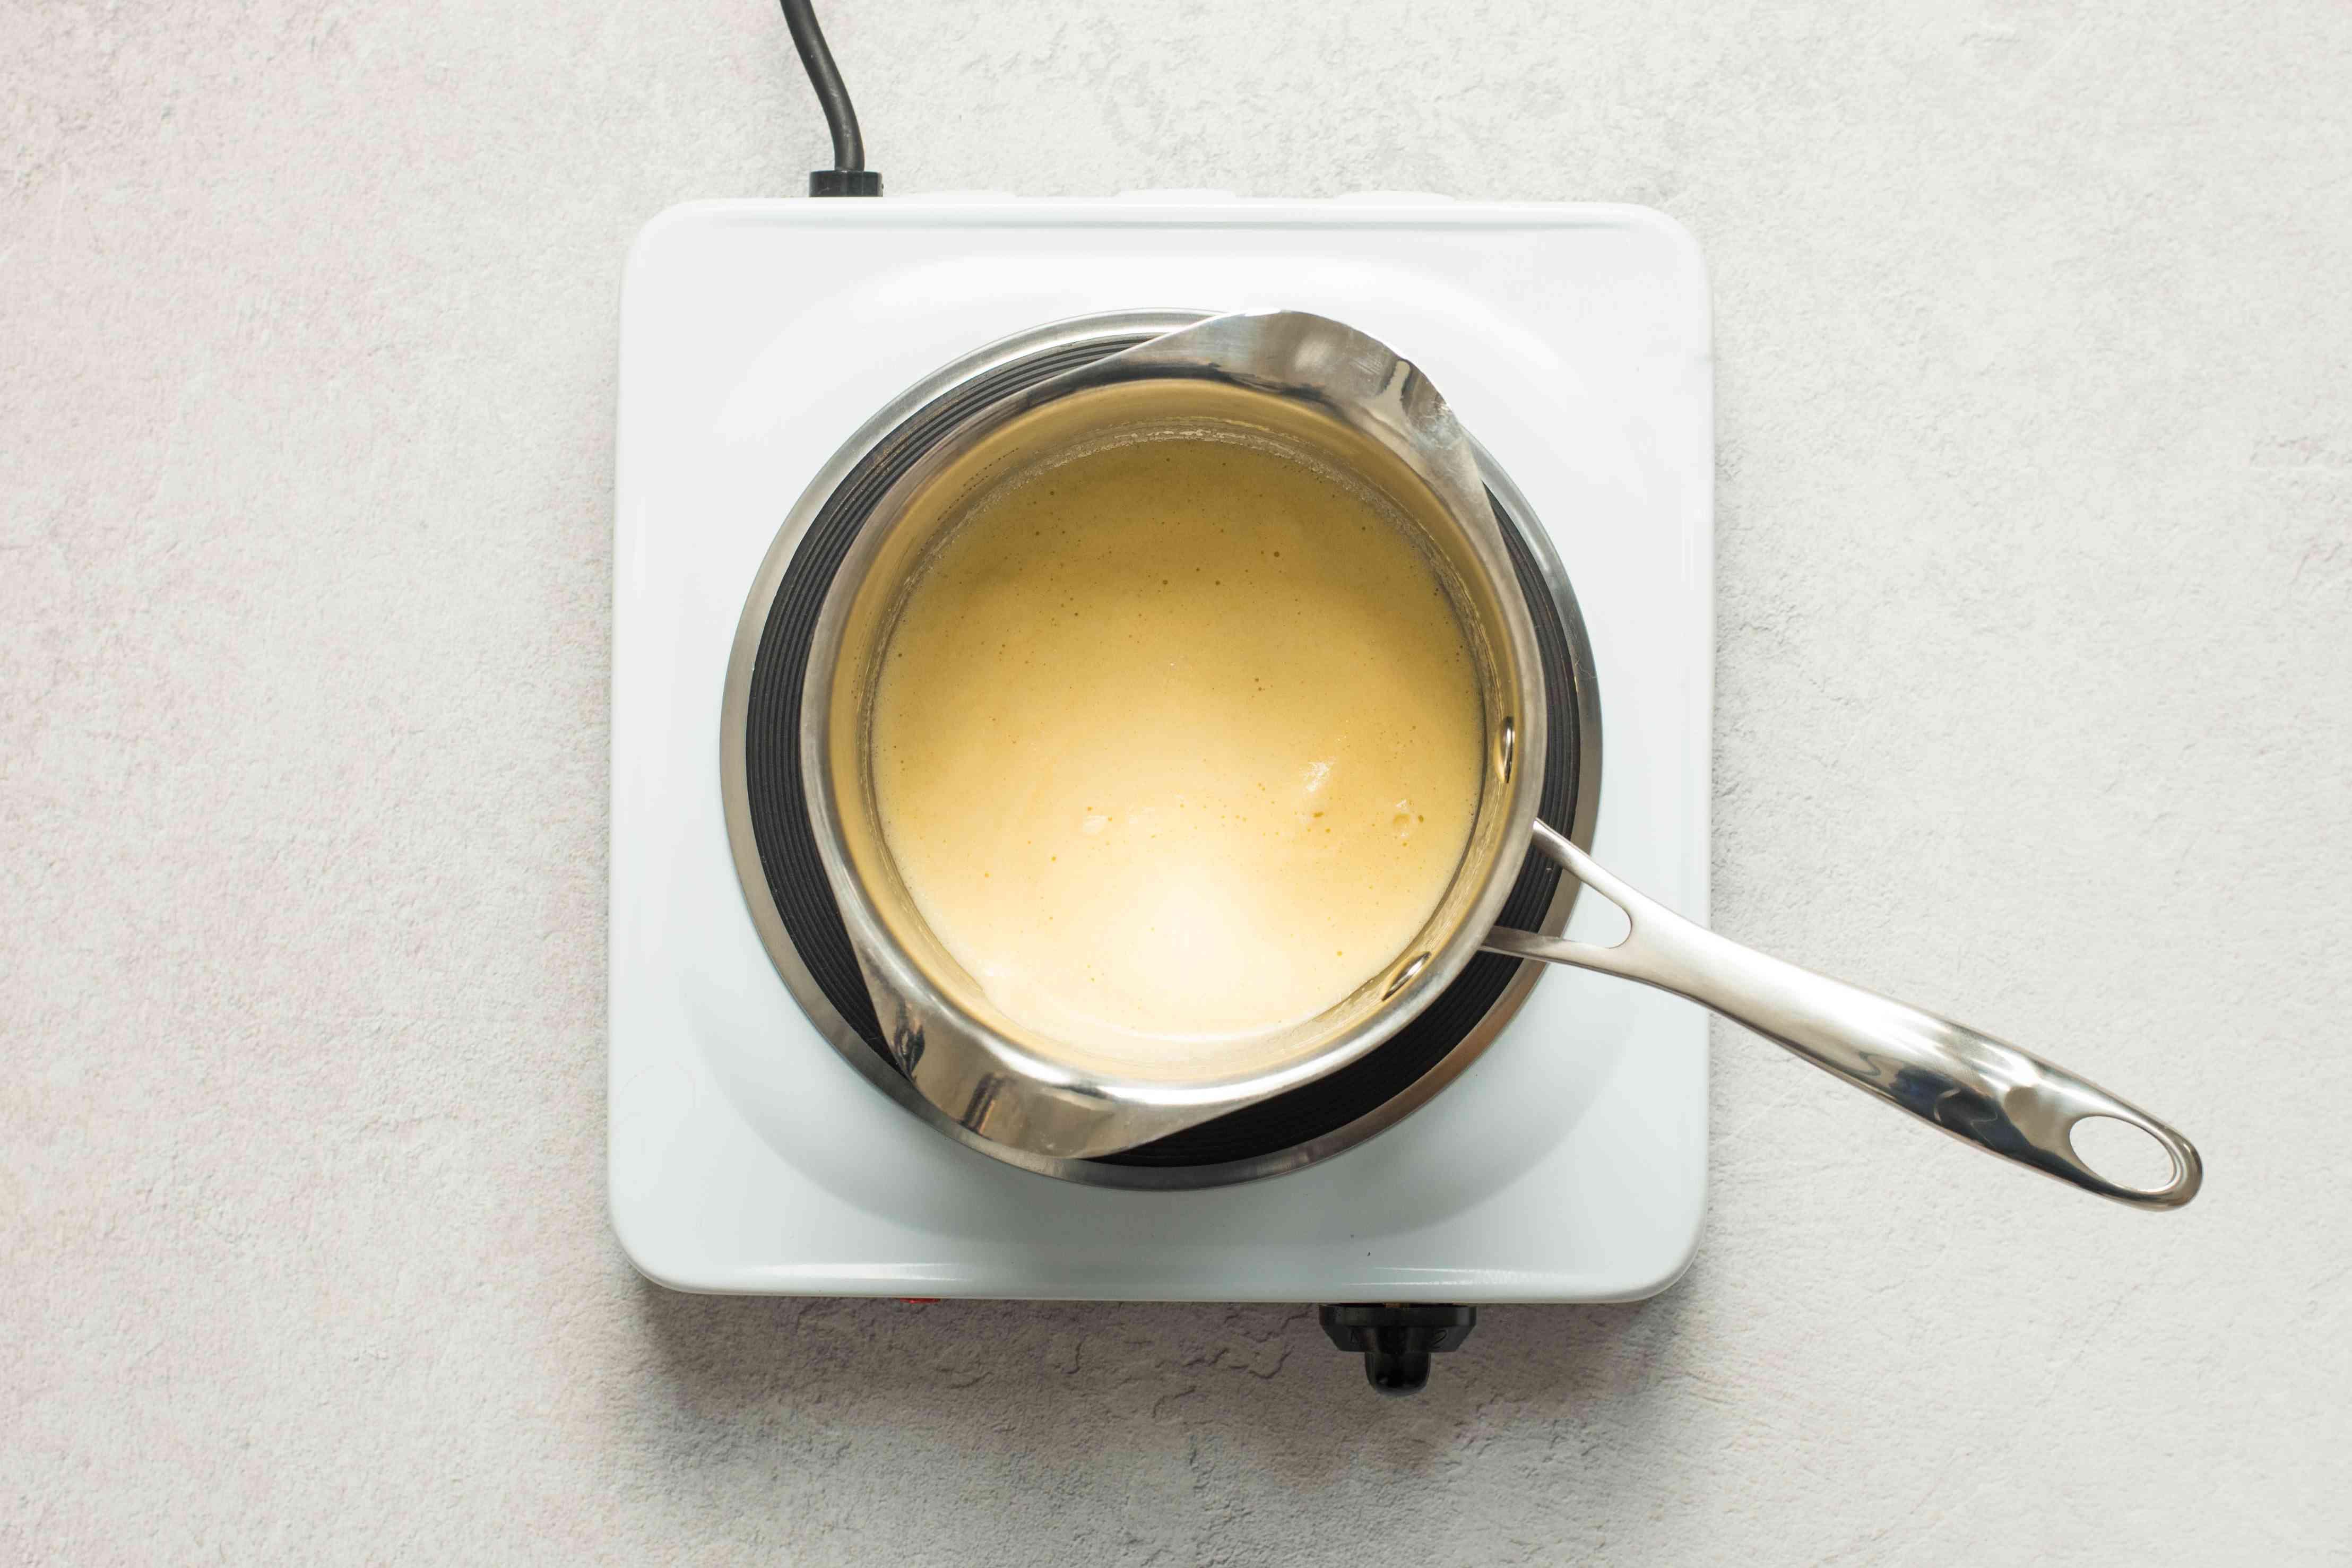 Place eggnog in saucepan